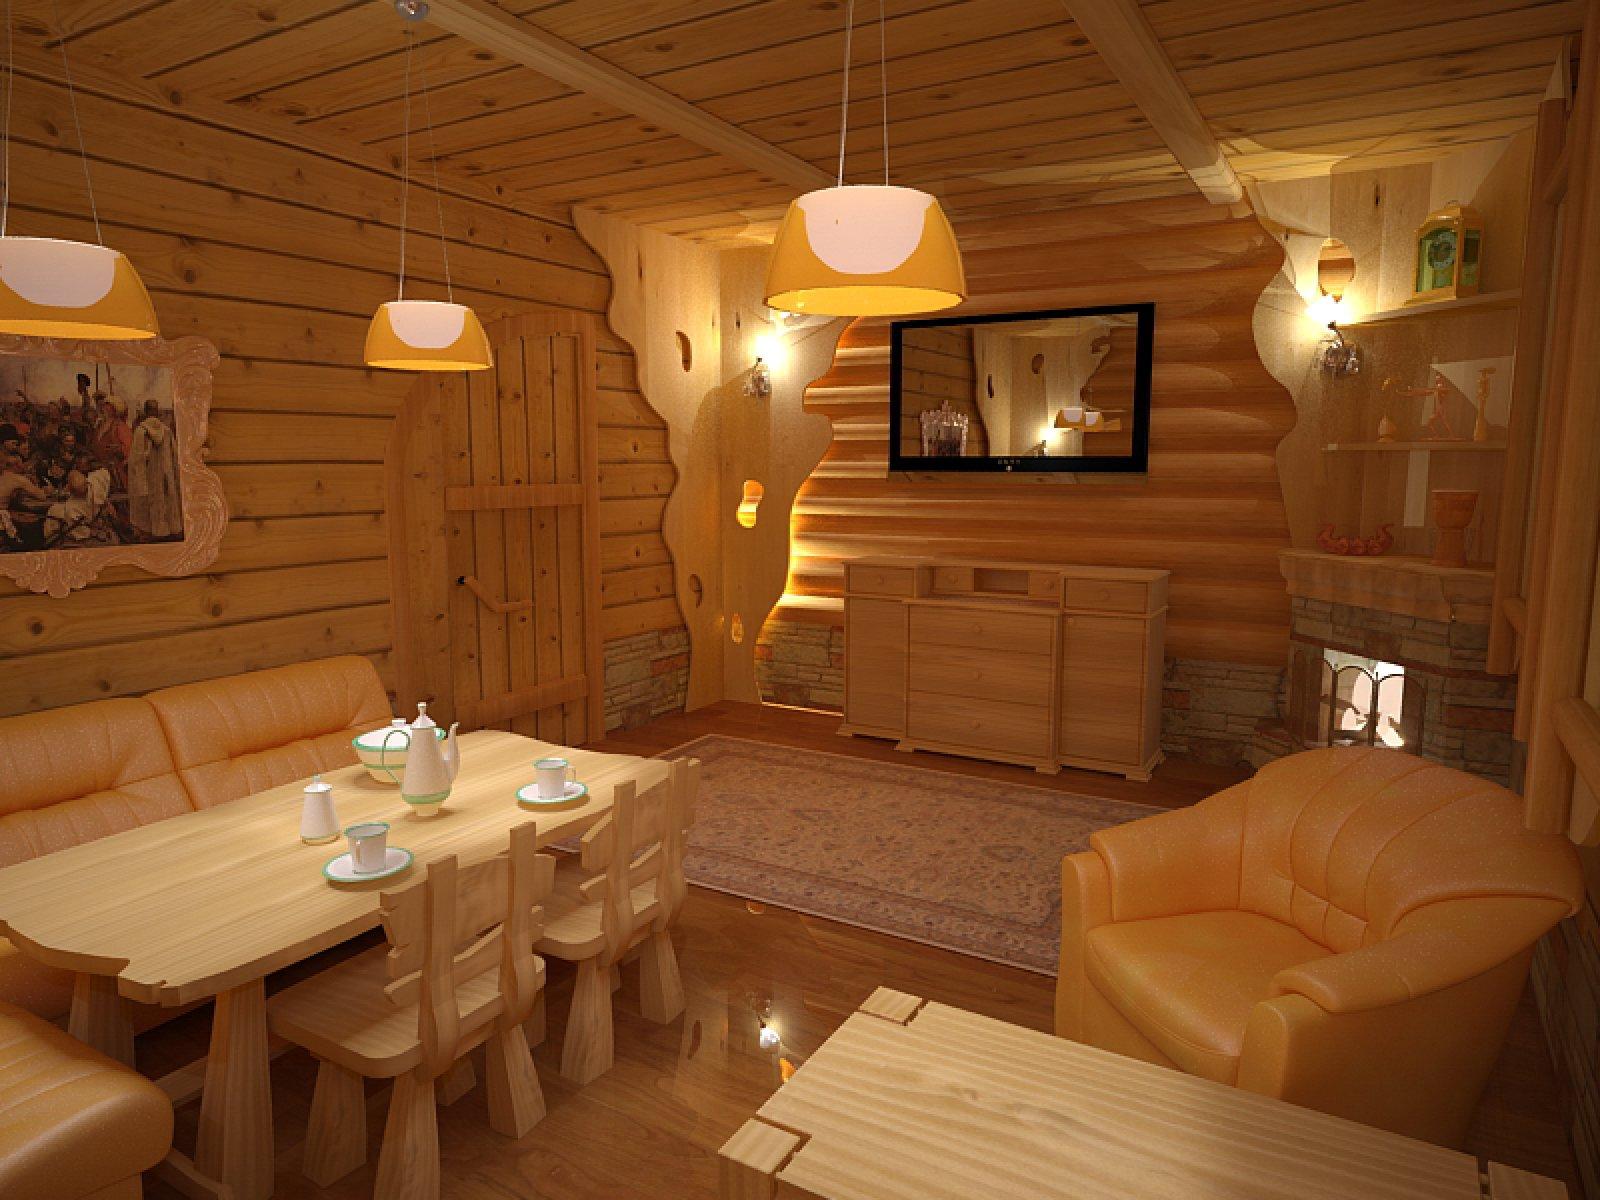 Фото в пред банике, Дизайн предбанника - Строим баню или сауну 29 фотография